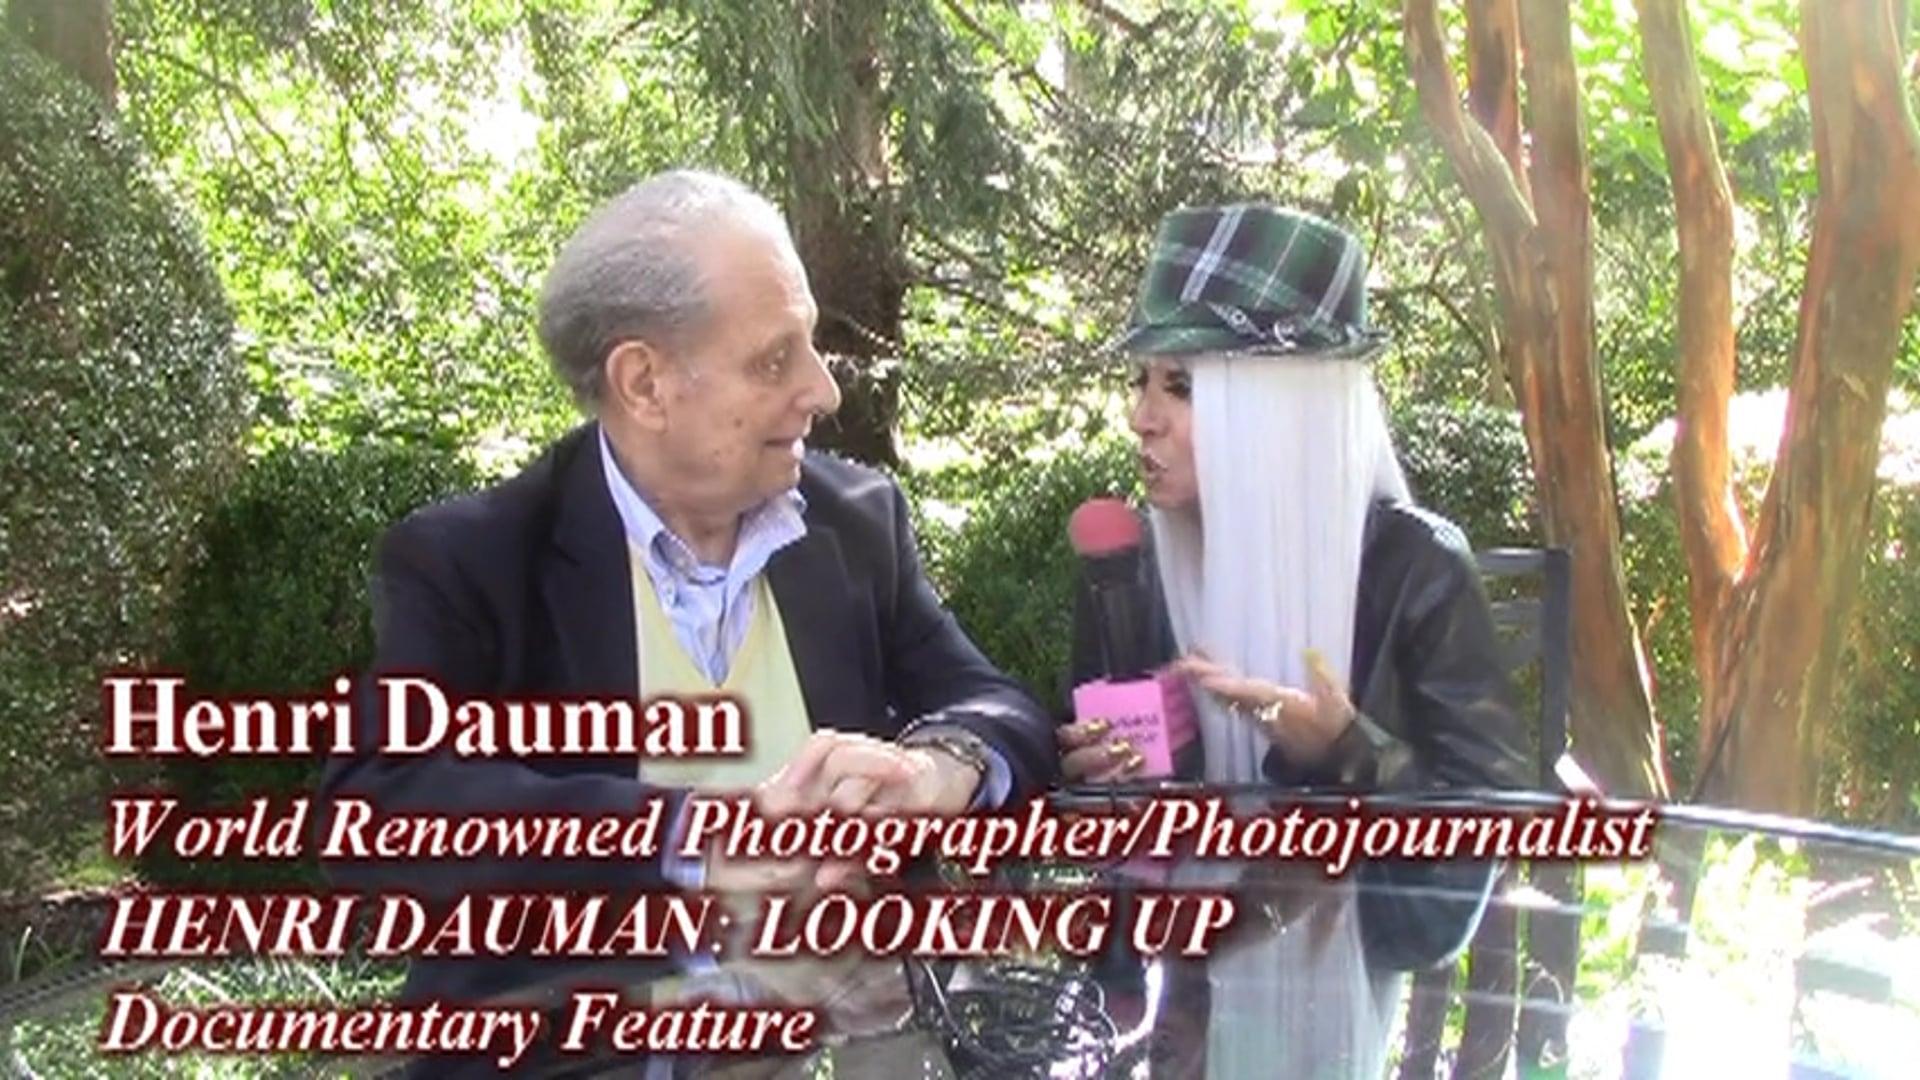 Henri Dauman Interview